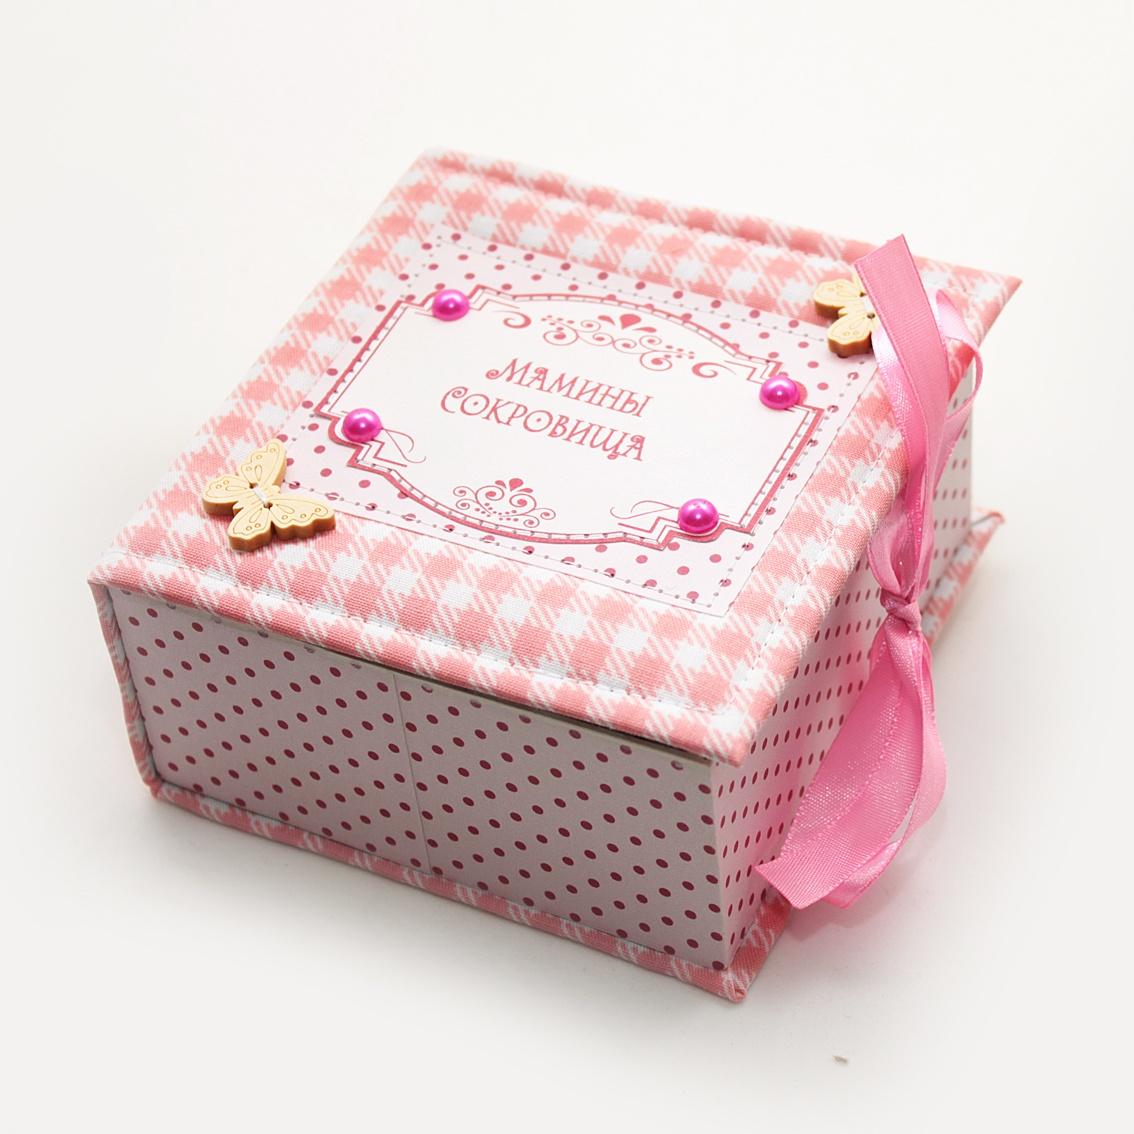 Подарочный набор детский Dream Service Коробочка для первого: локана и зубика, 5620 розовый набор шкатулок для рукоделия bestex 3 шт zw001250